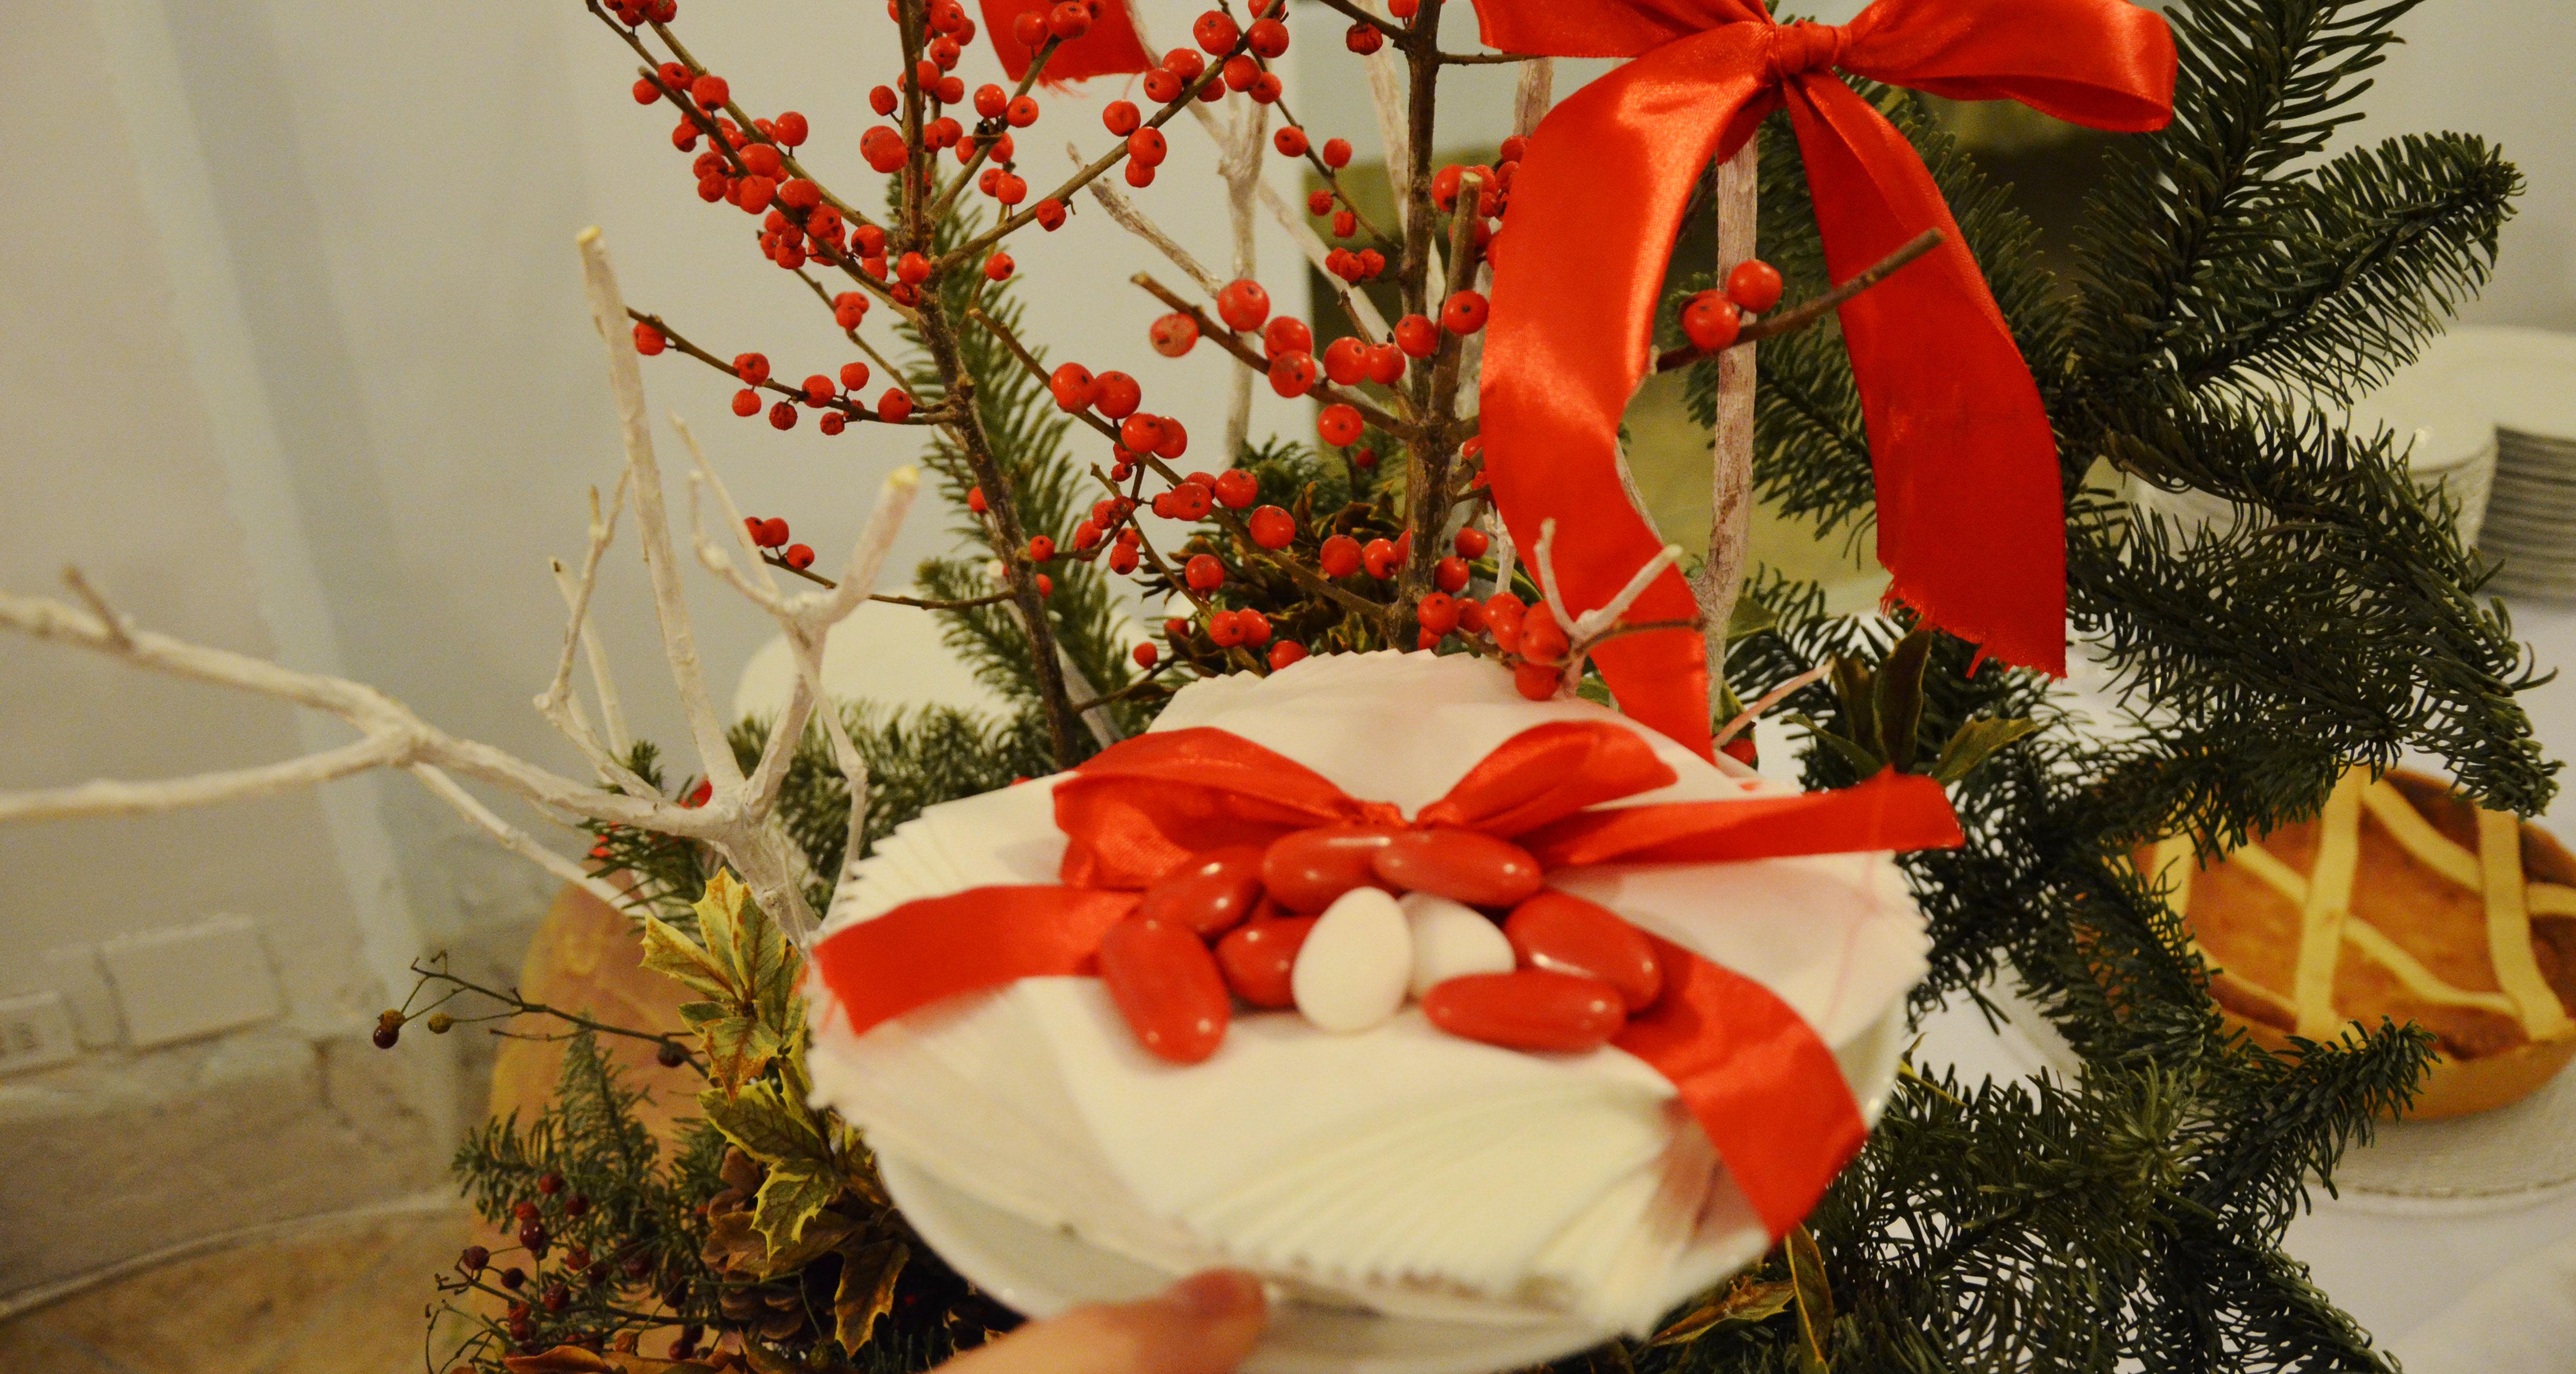 Un dolce pensiero per i tuoi ospiti: offri un confetto per Natale!